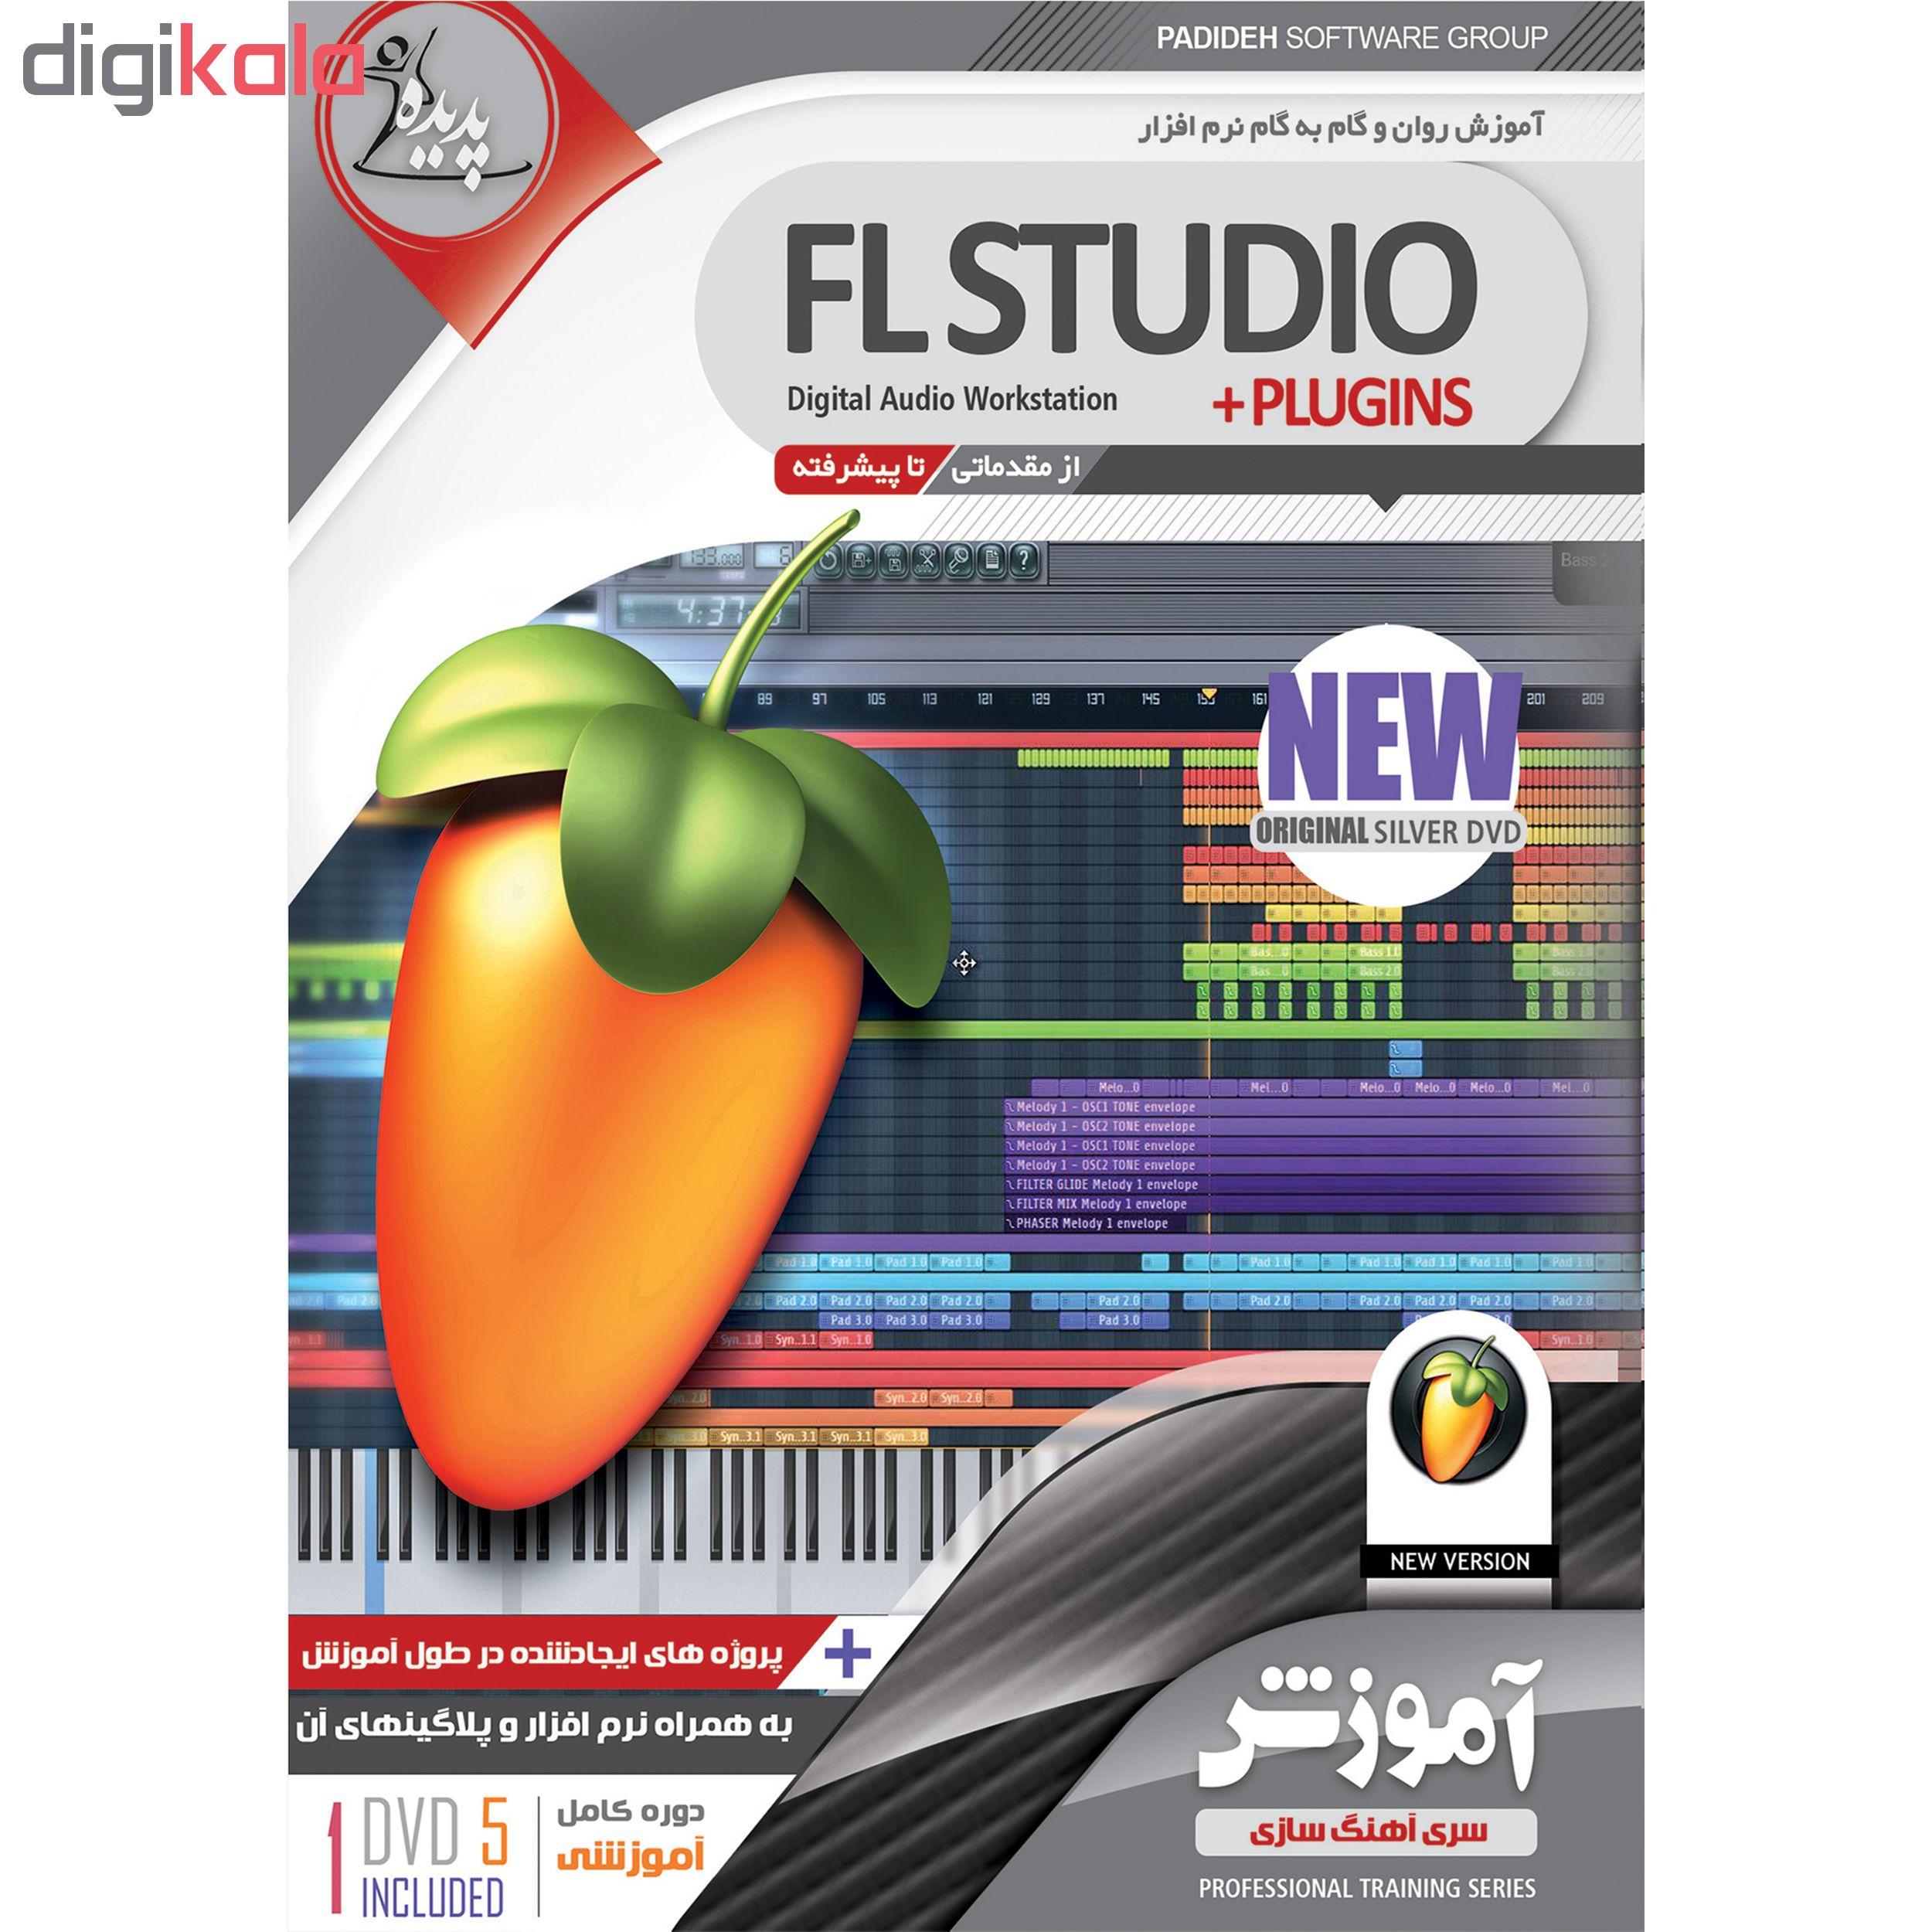 نرم افزار آموزش آهنگسازی و تنظیم نشر درنا به همراه نرم افزار آموزش FL Studio نشر پدیده